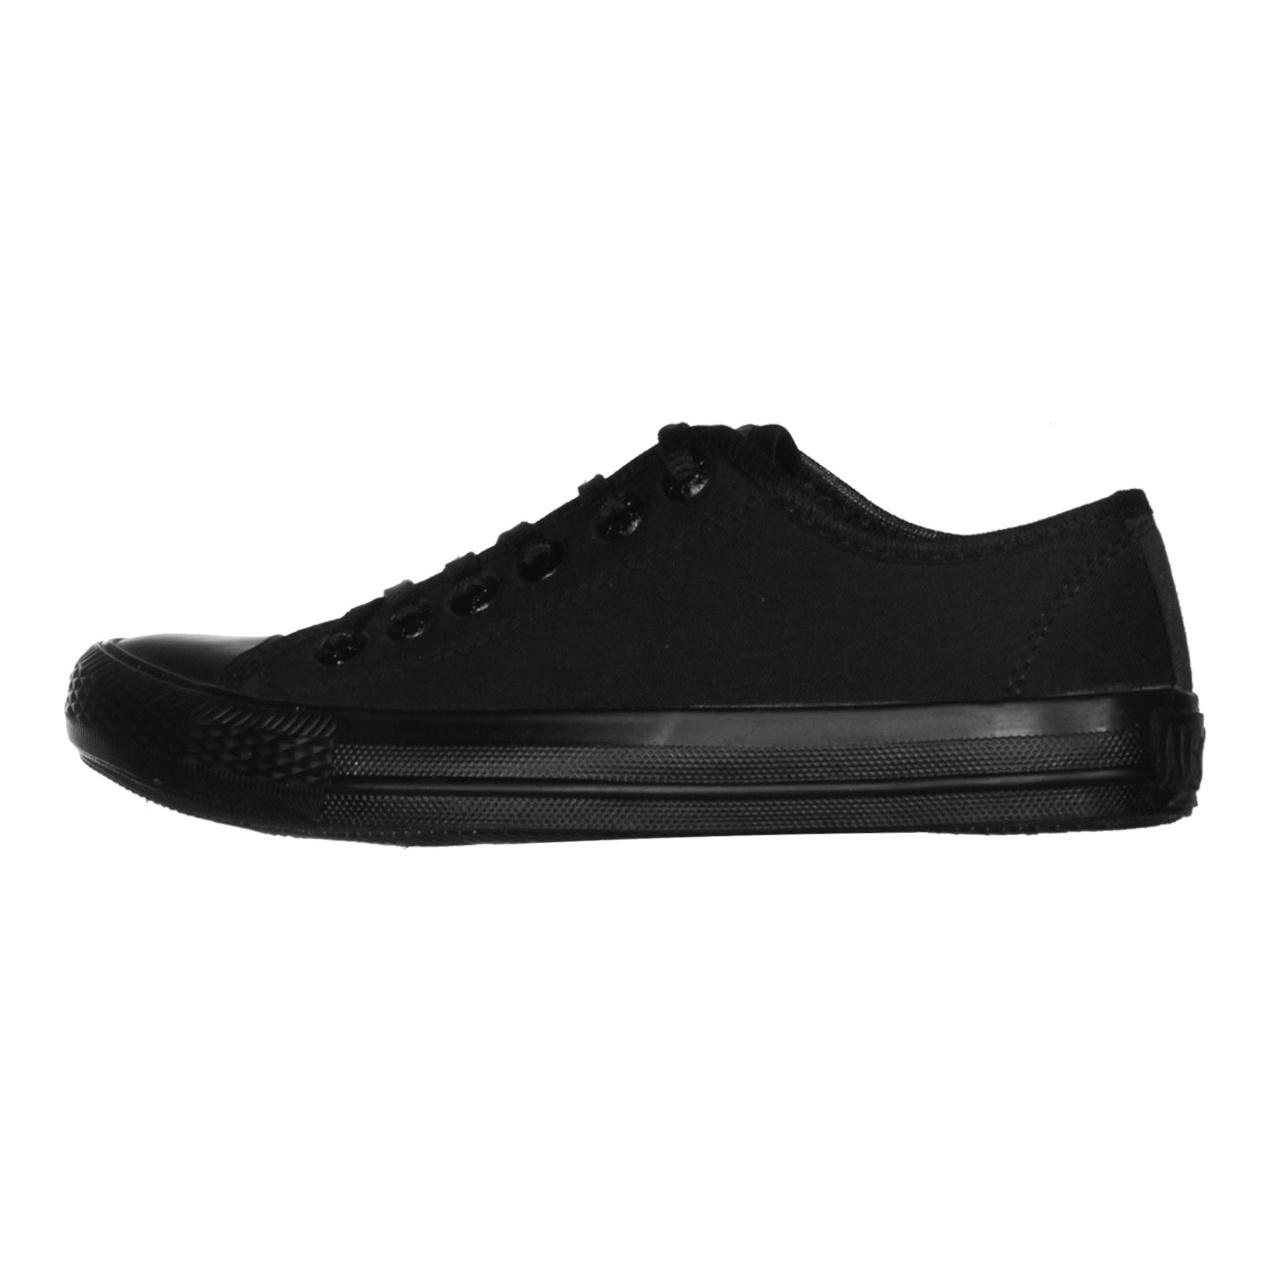 کفش مخصوص پیاده روی زنانه مدل Owen کد 03